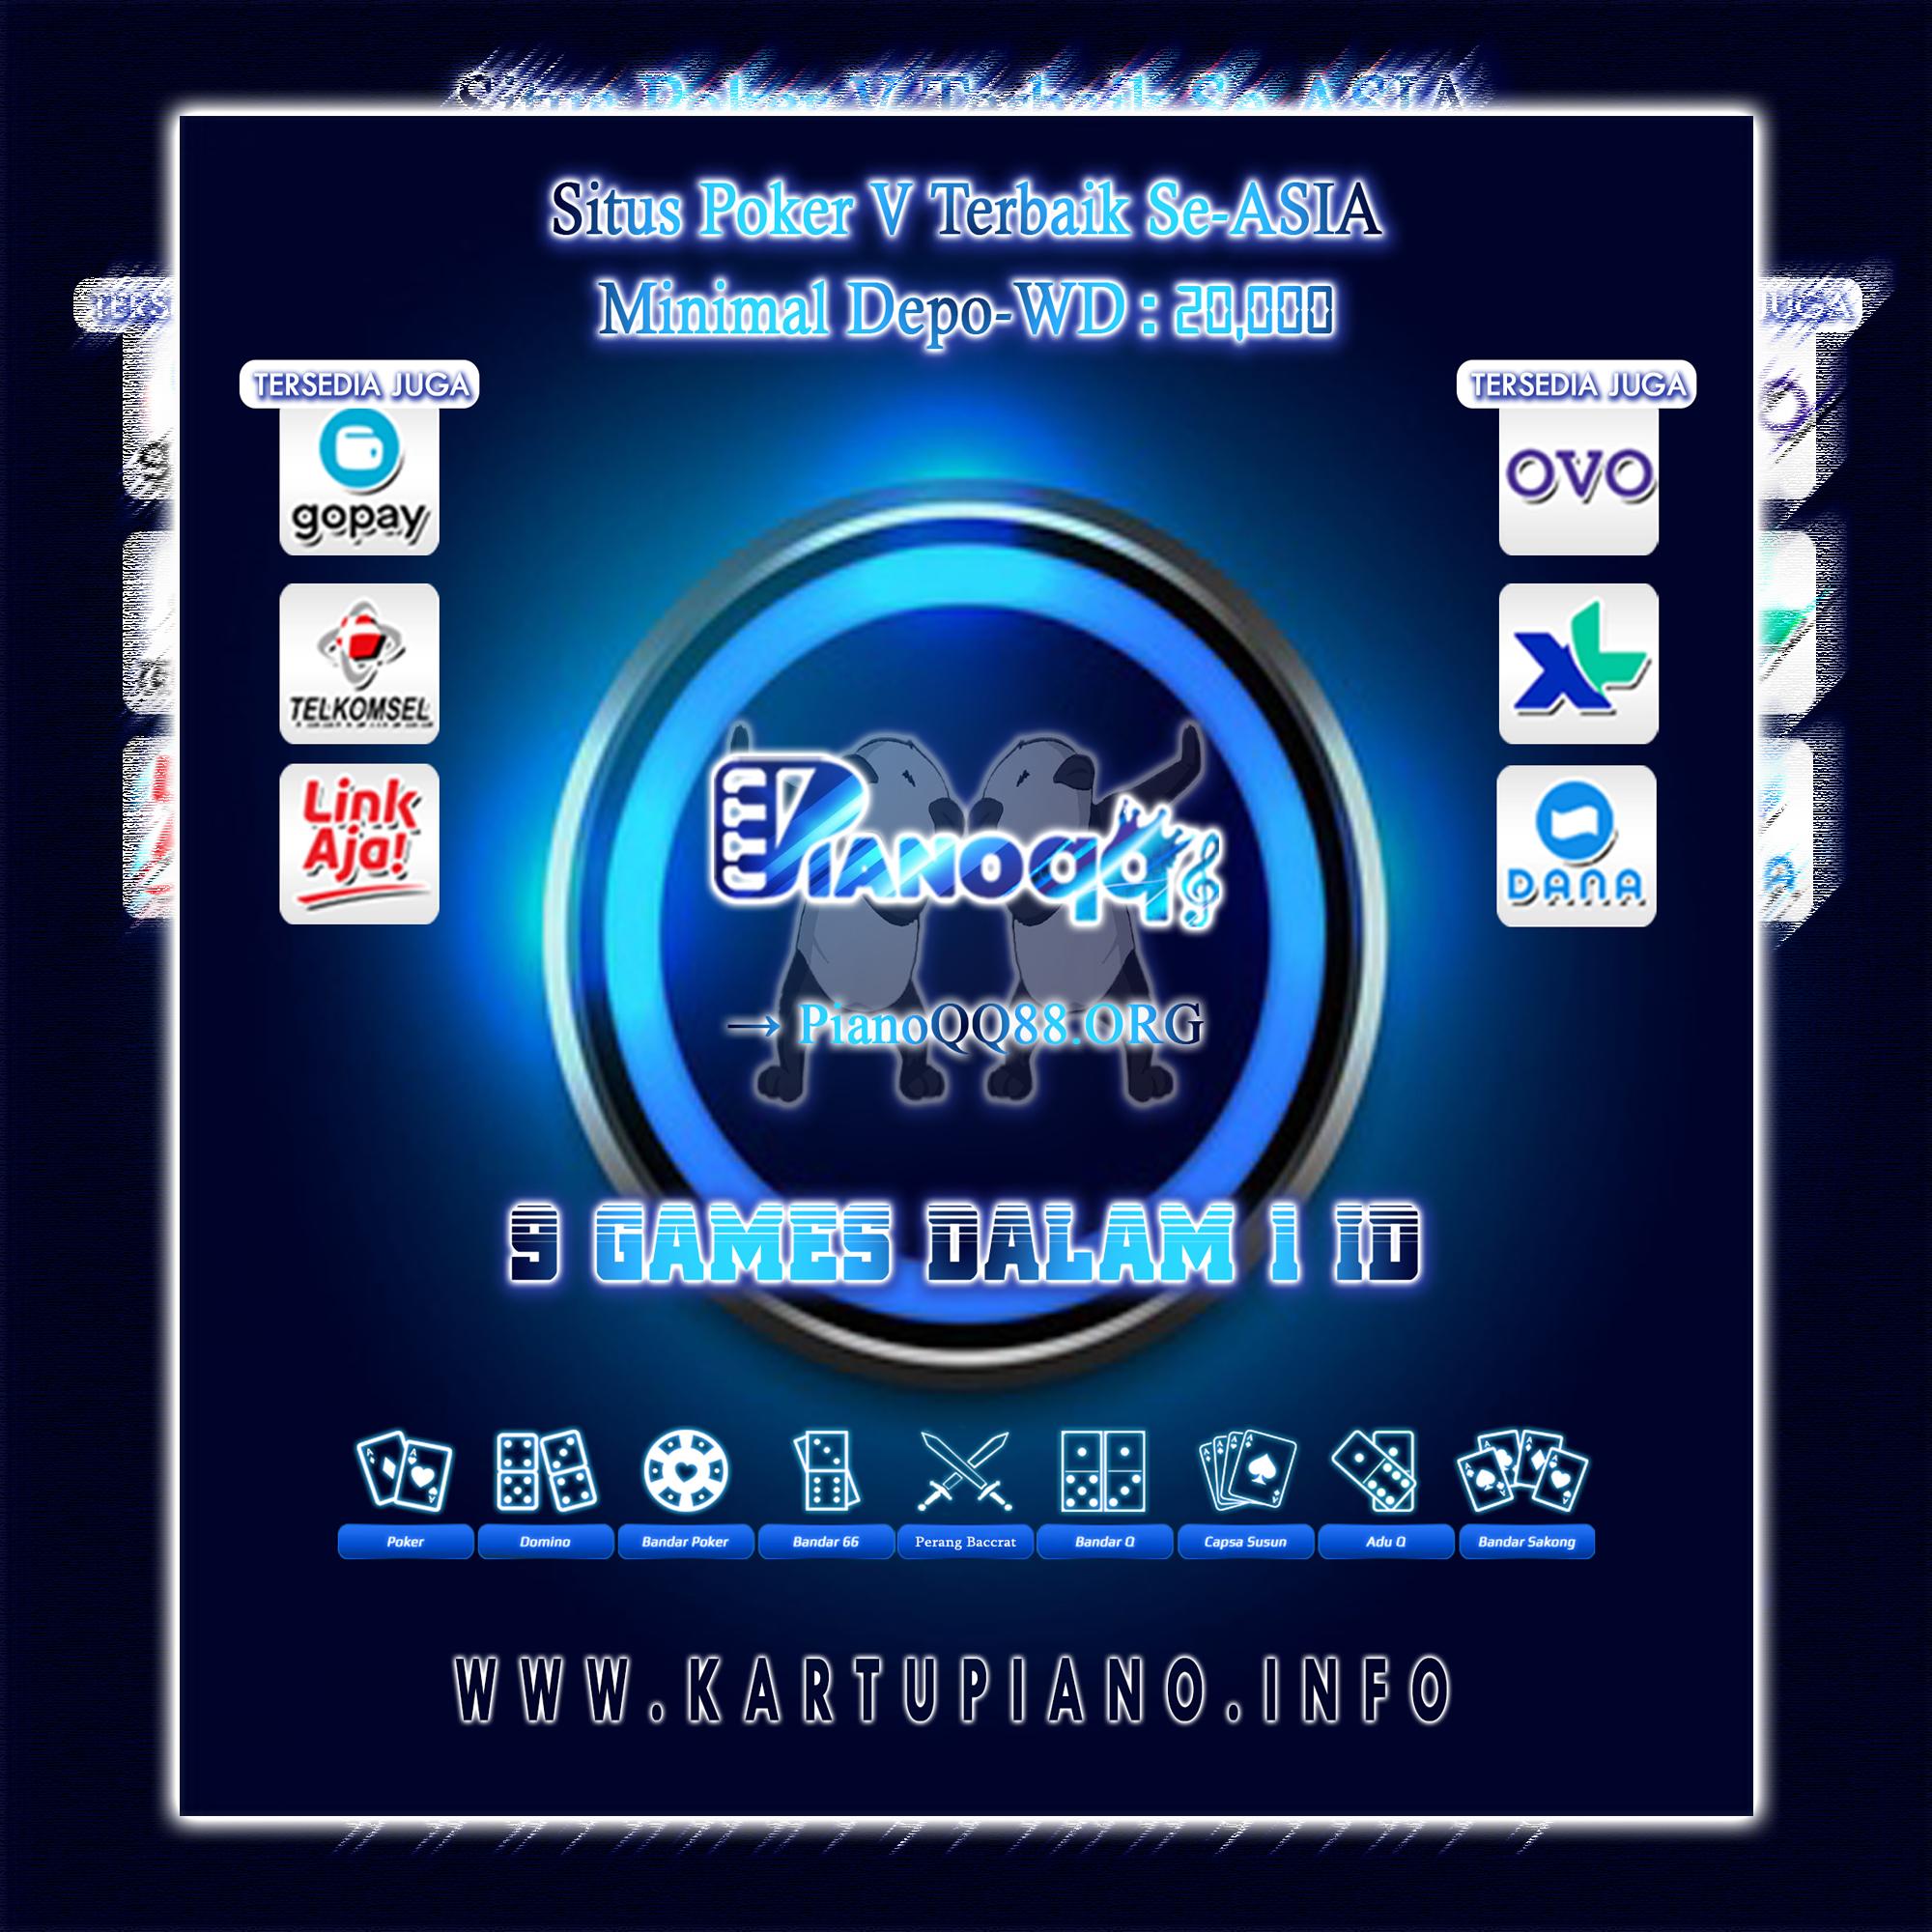 PIANOQQ Situs Judi Online Resmi Dan Terbaik SE-ASIA || 9 GAMES DALAM 1 ID | MIN DEPOSIT DAN WITHDRAW 20 ribu  EZQeGs_U4AA_Xgq?format=jpg&name=large